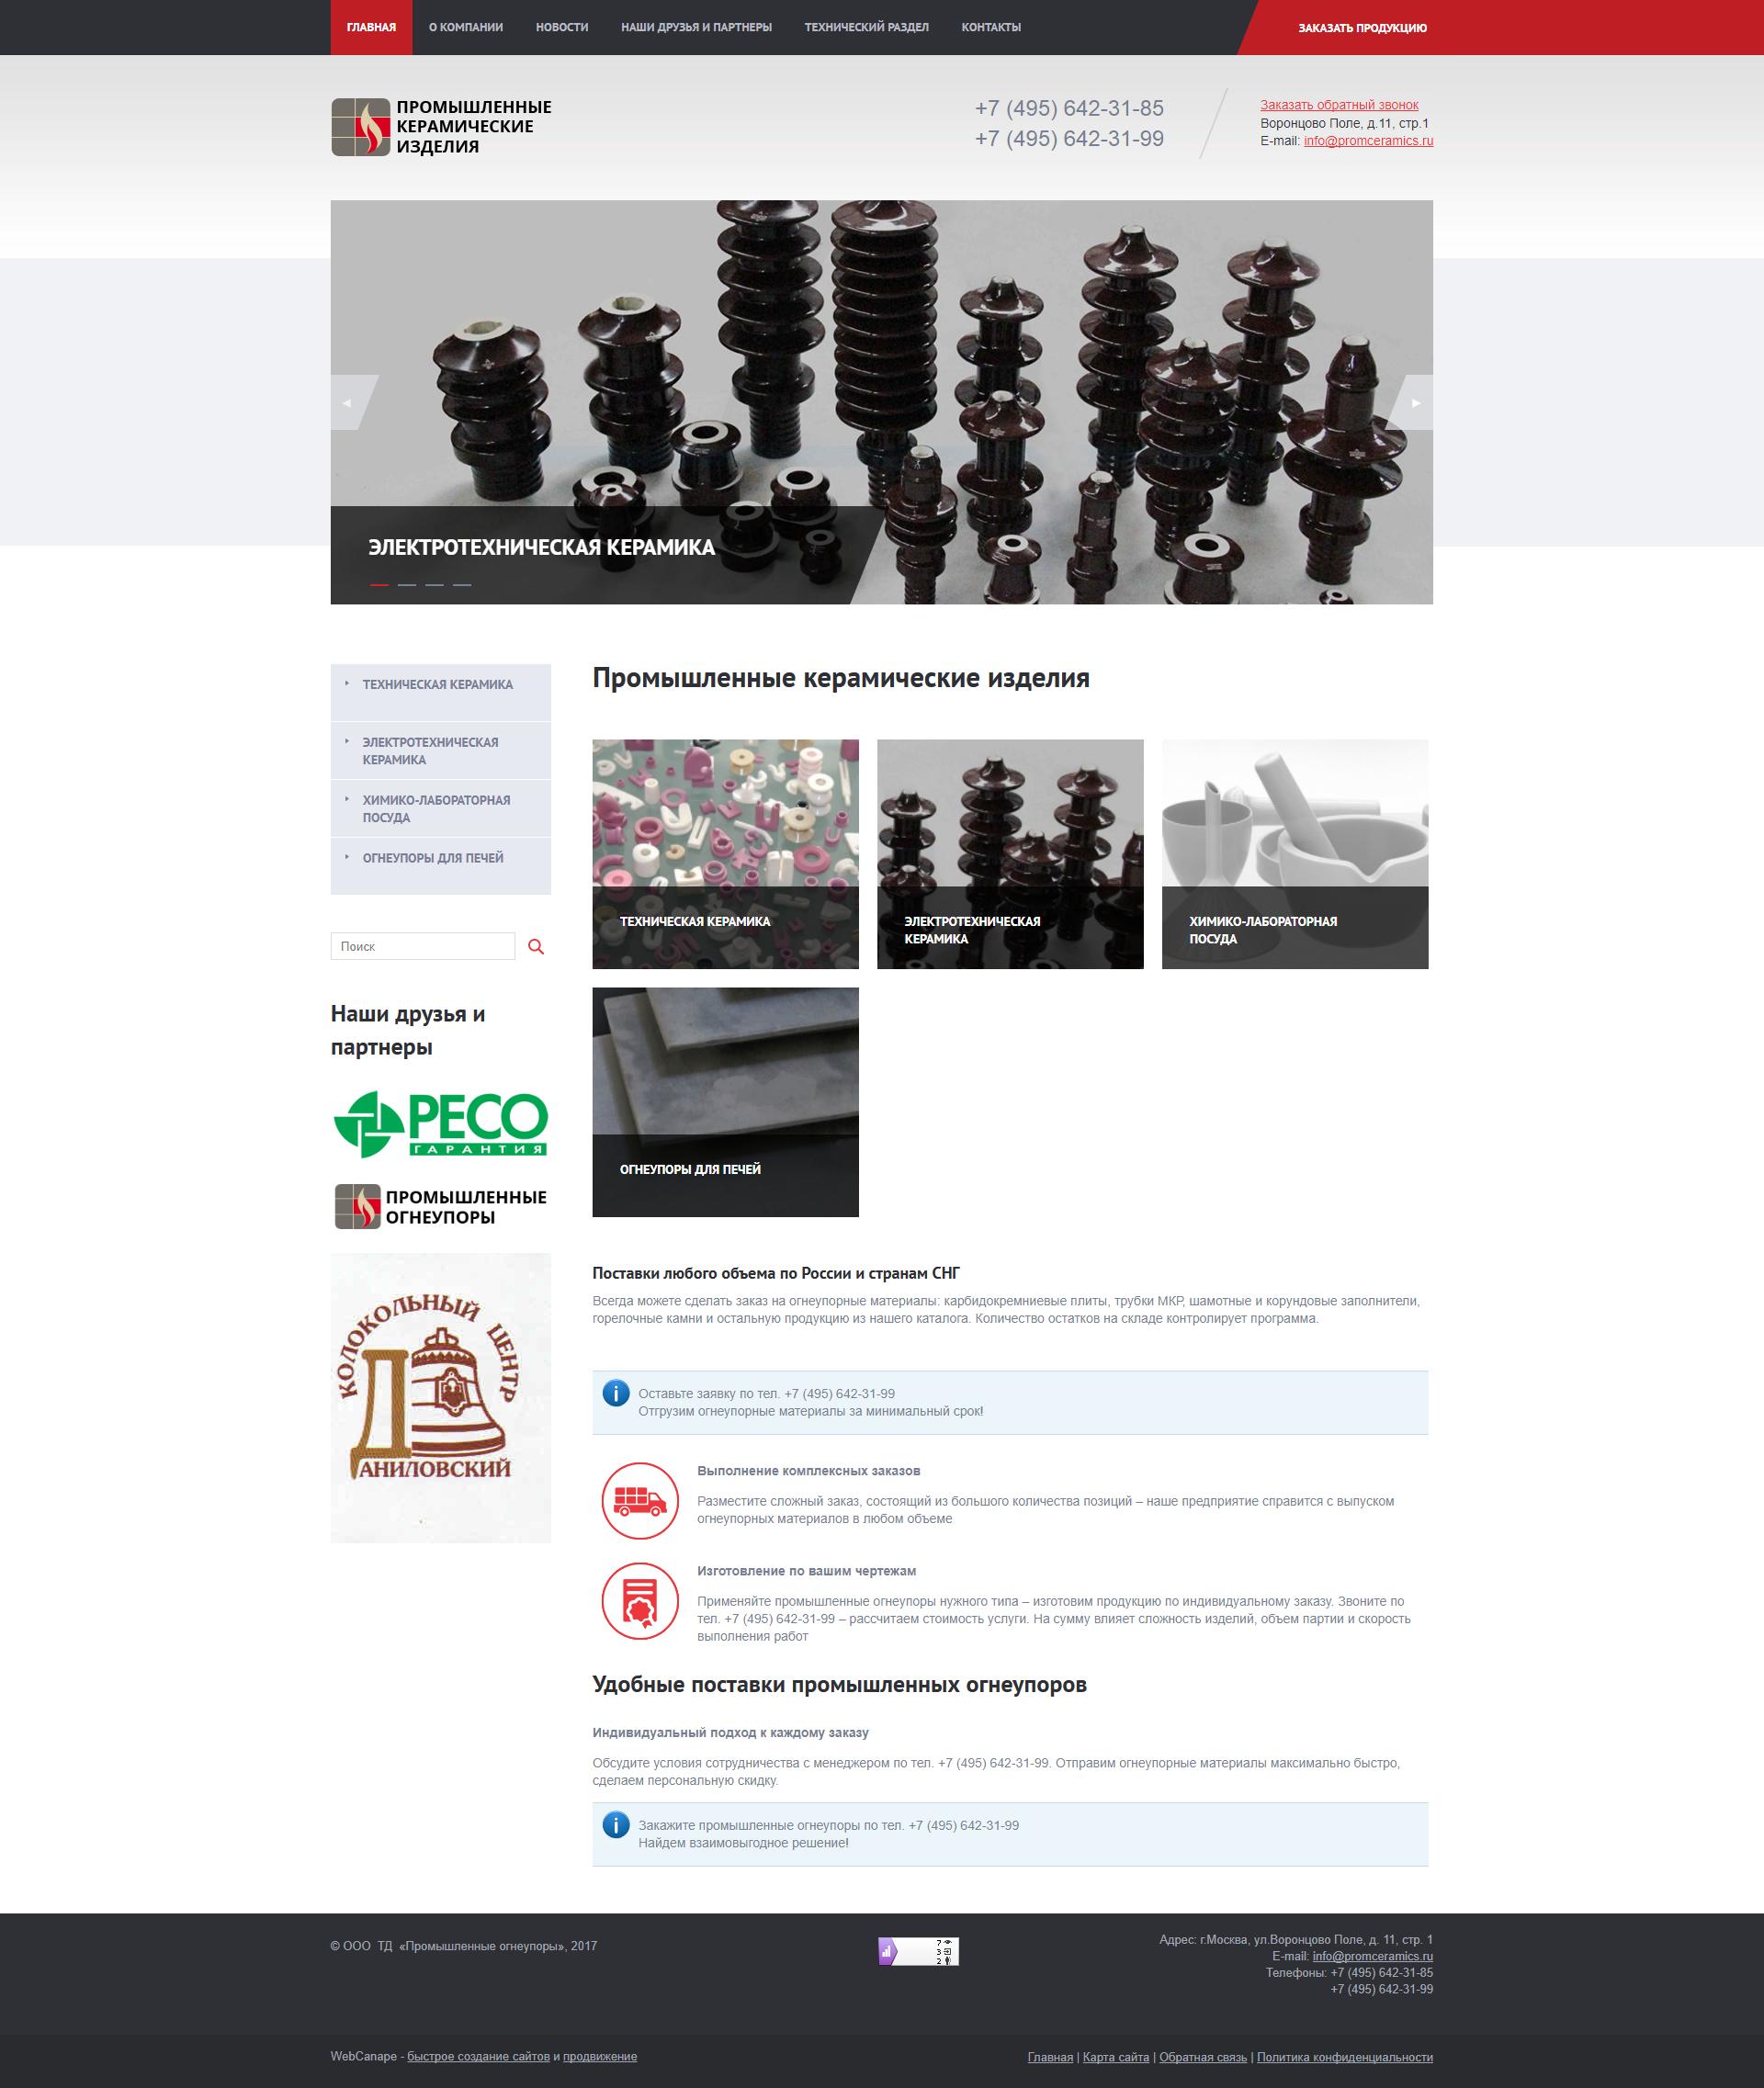 Разработка сайта поставщика керамических промышленных изделий